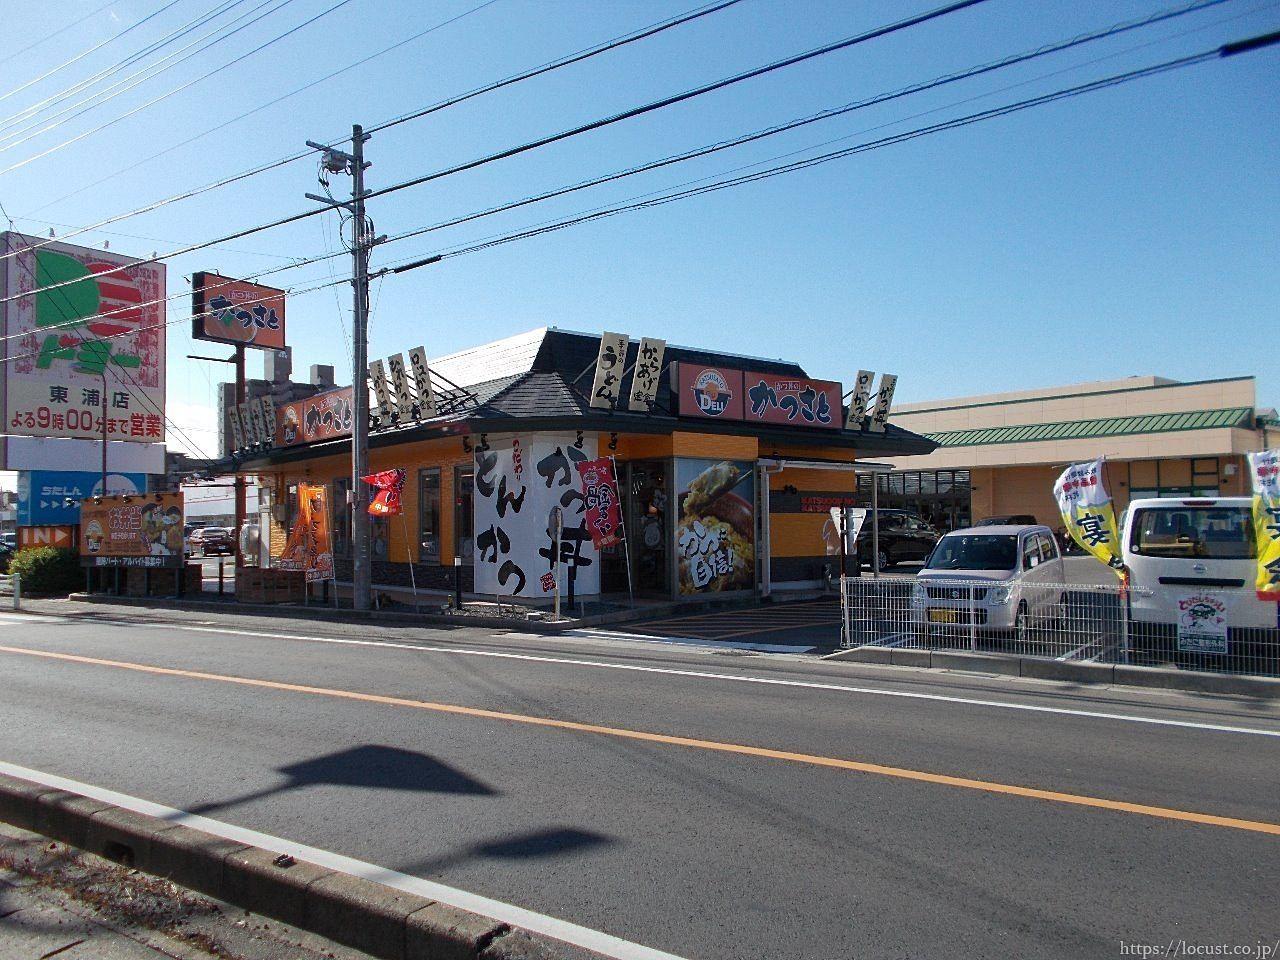 東浦町森岡の複合商業エリア(仮名)尾張森岡ショッピングモールの1画にあるお店です。